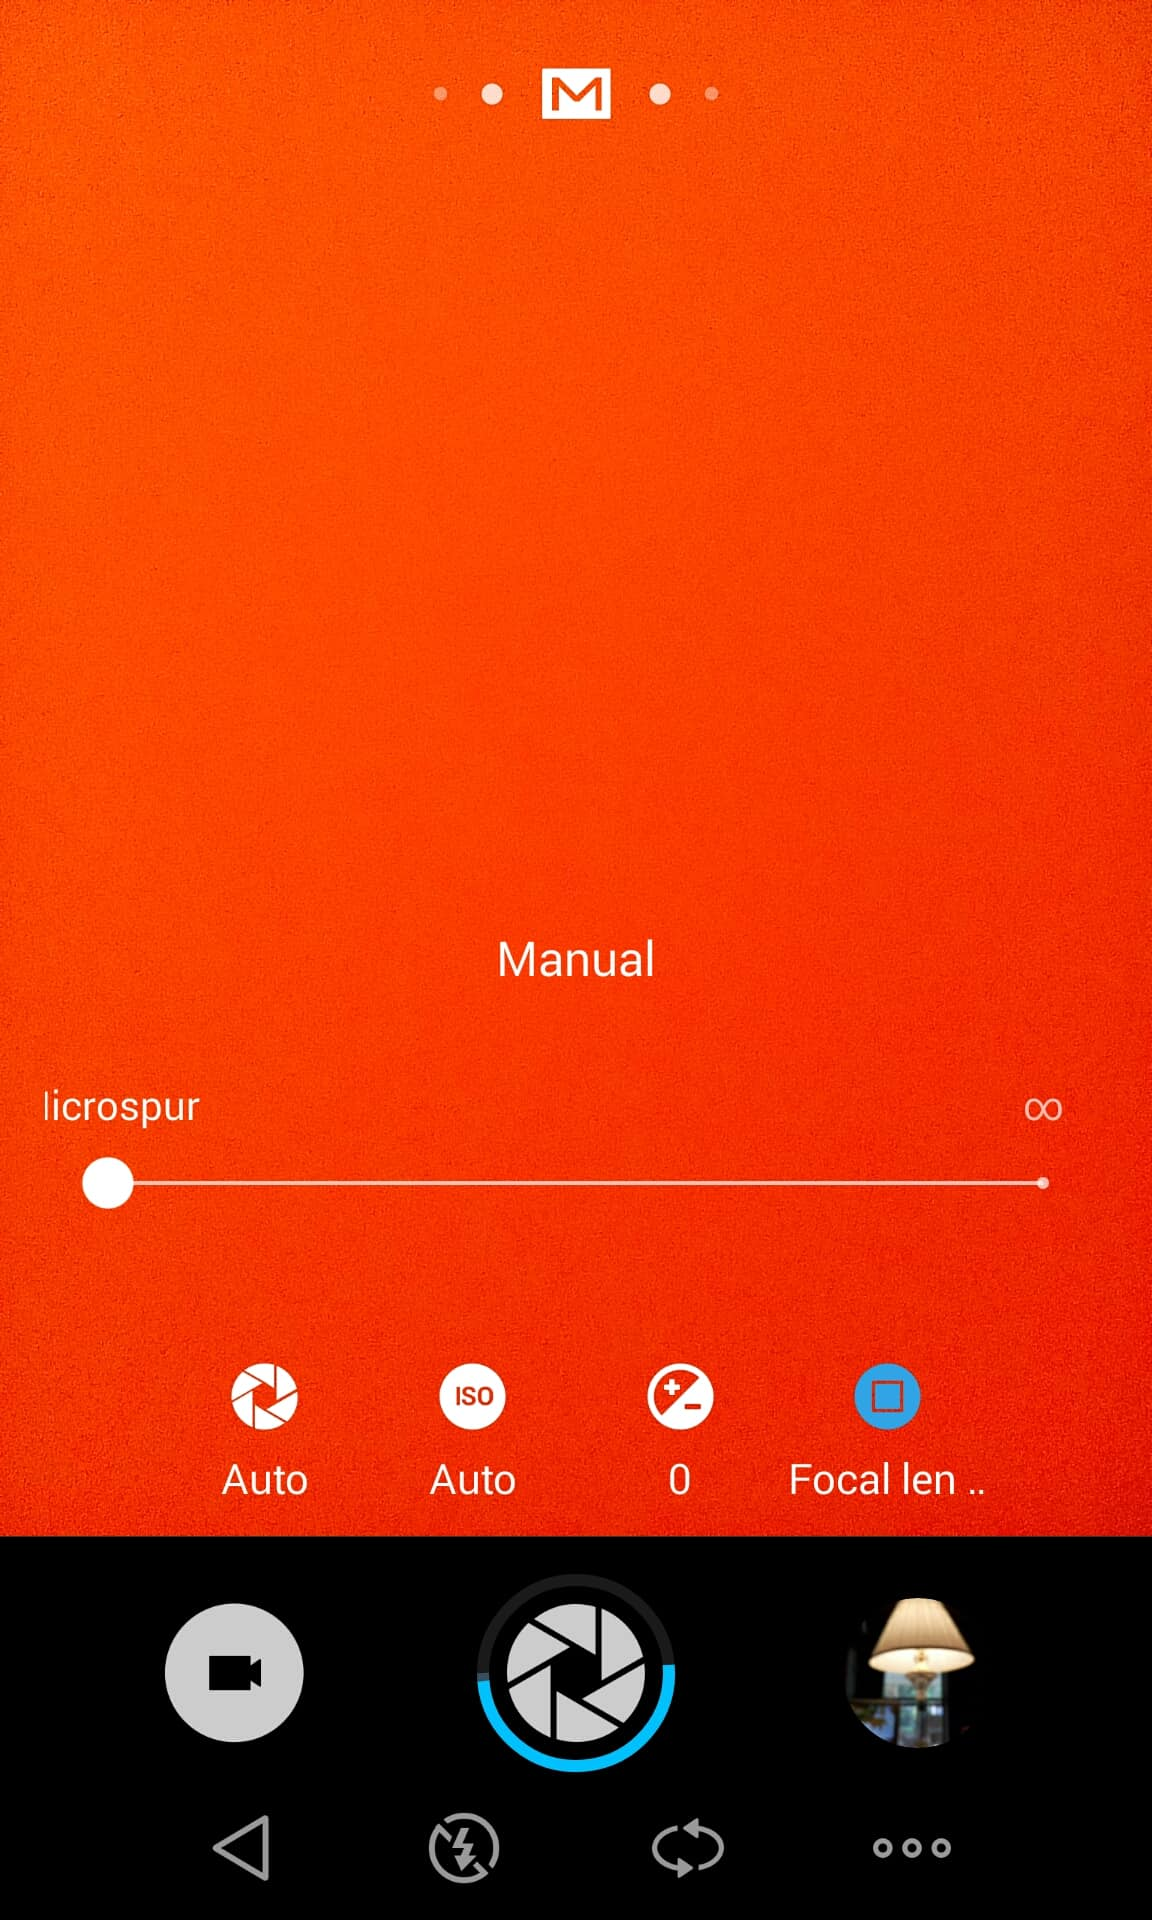 meizu mx4 camera manual 4